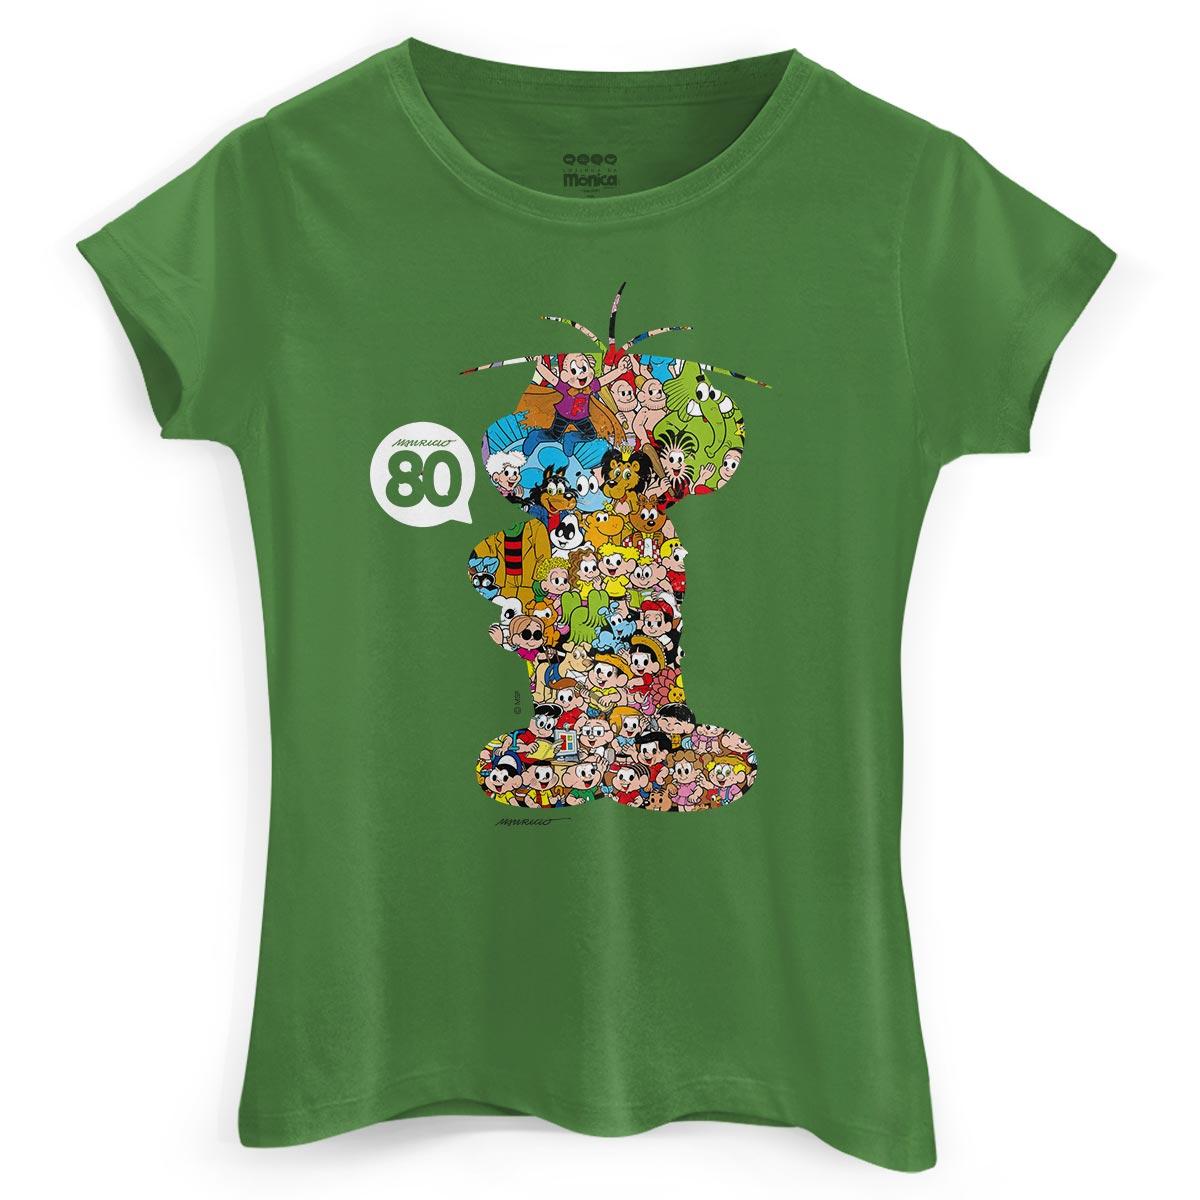 Camiseta Feminina Maur�cio de Sousa 80 Anos Cebolinha